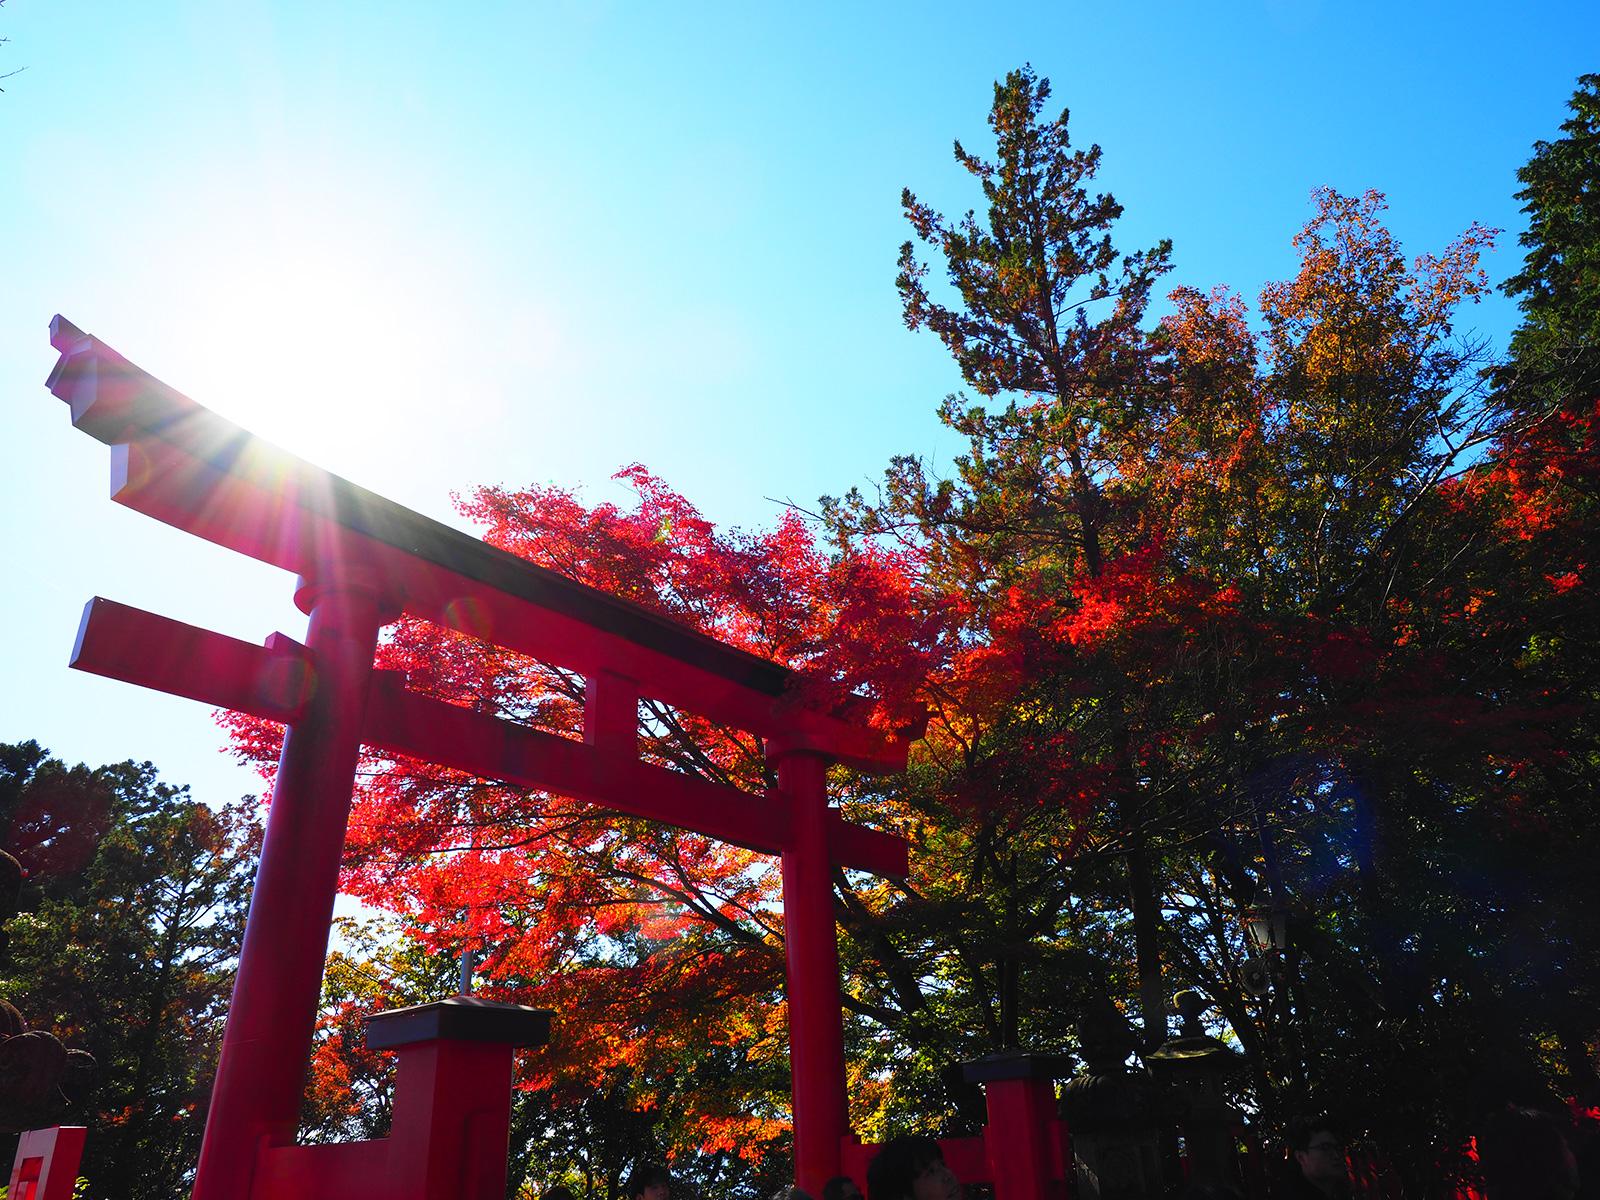 【秋、色撮りどり】色鮮やかな世界